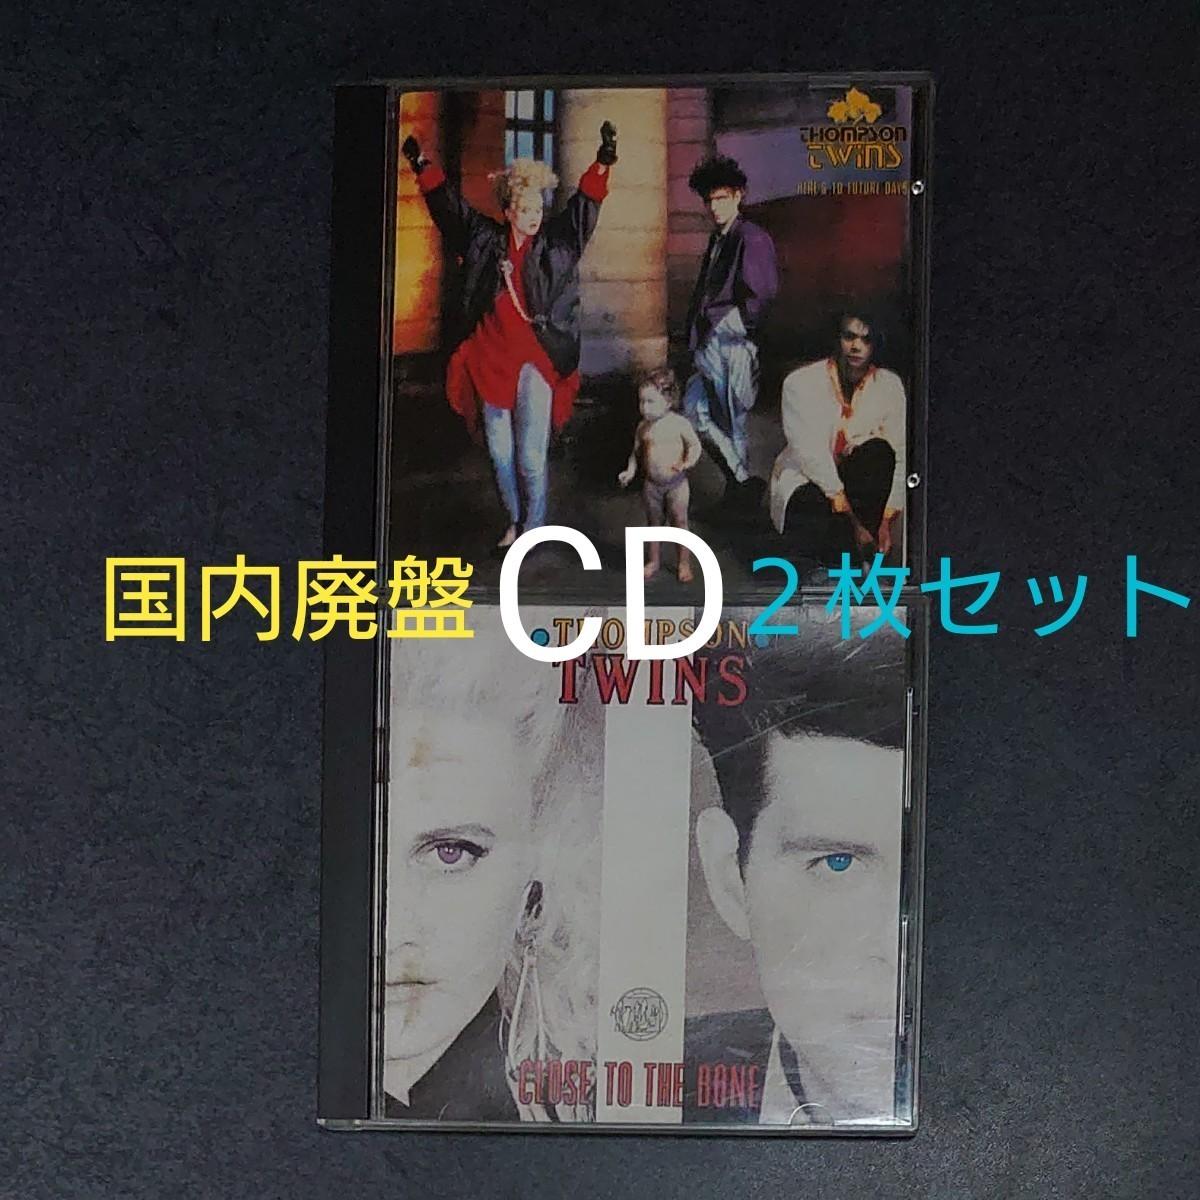 国内盤 トンプソンツインズ  CDアルバム 2枚セット